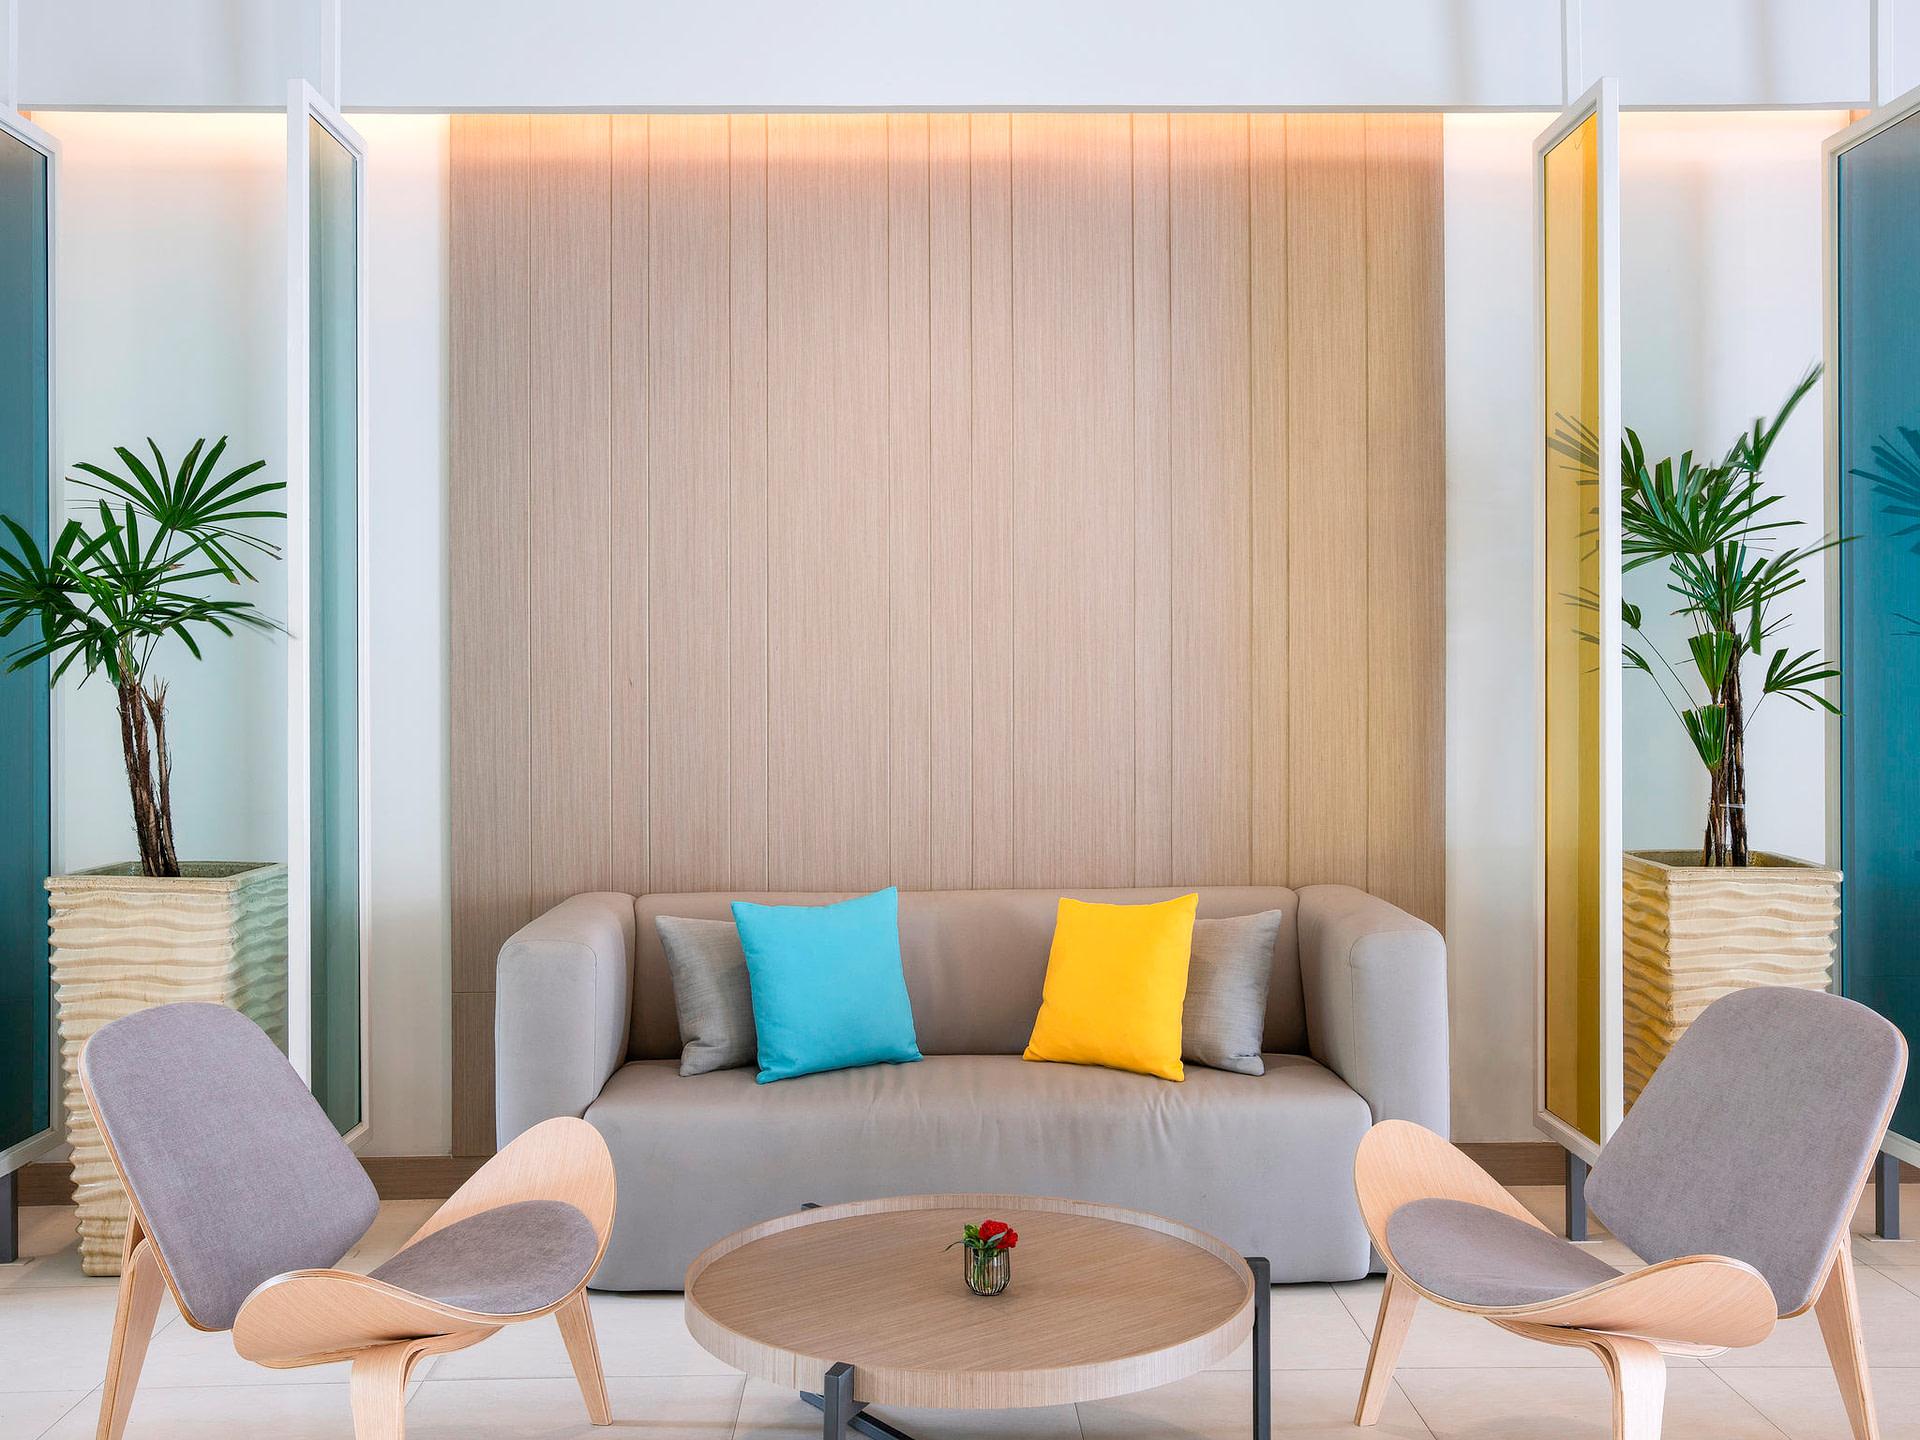 https://www.accorhotels.com/6538